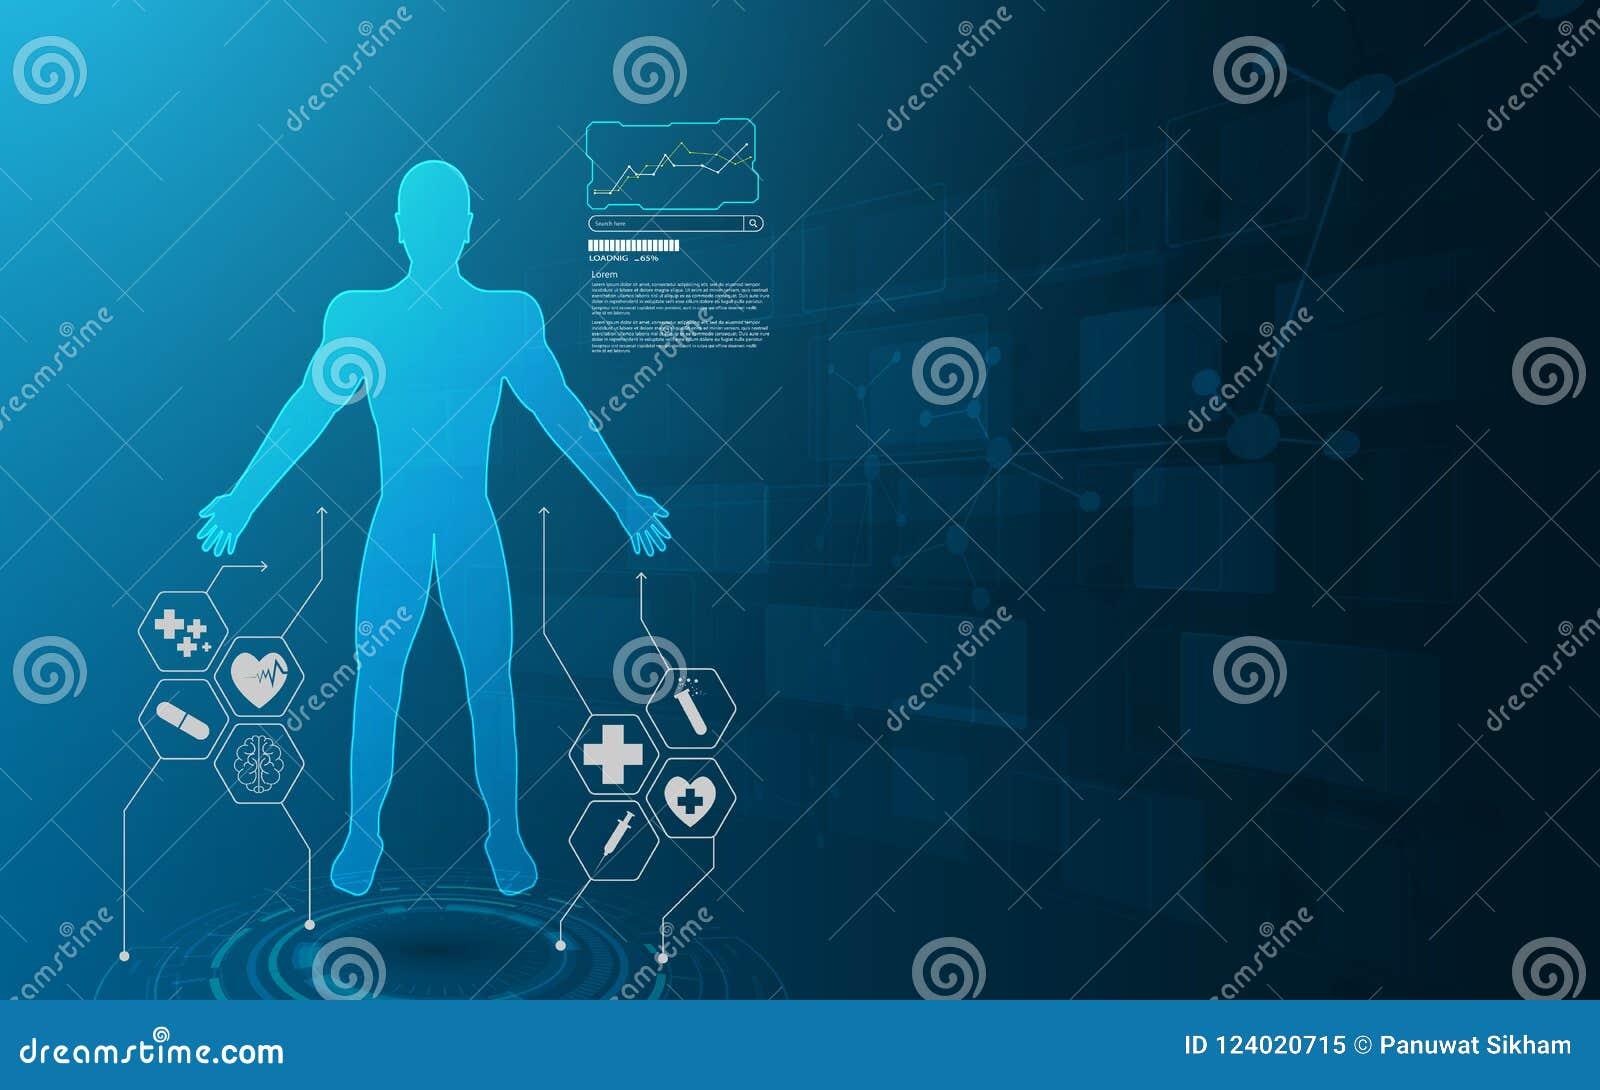 Innovat virtual dos cuidados médicos do sistema futuro do holograma da relação de Hud